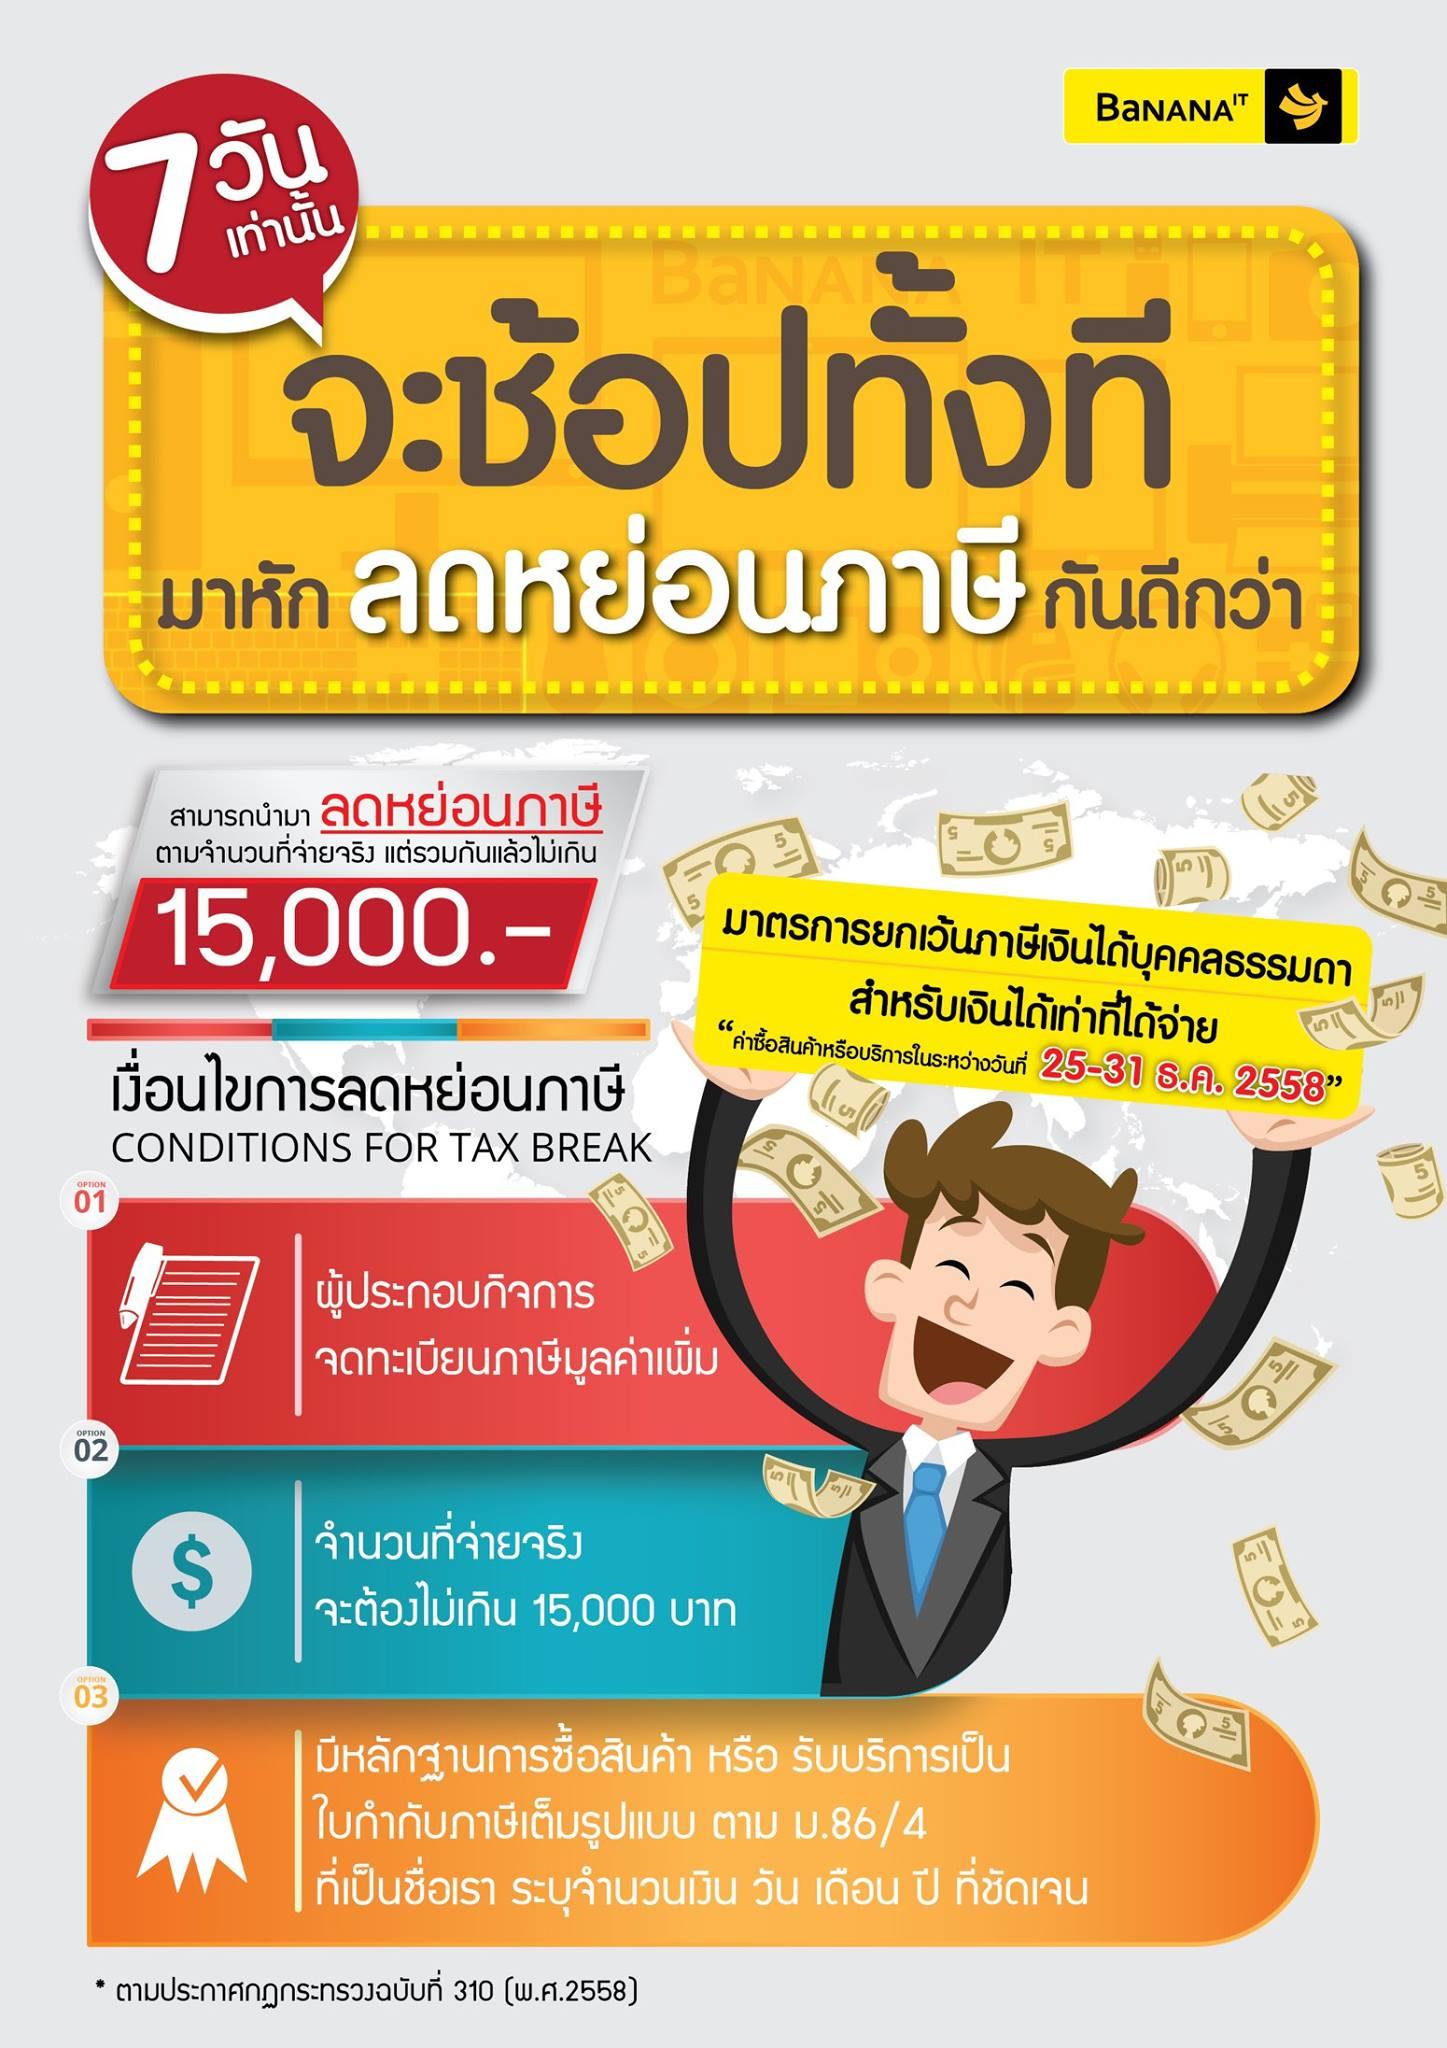 รายการลดหย่อนภาษี 2559 ประจำปีภาษี 2558